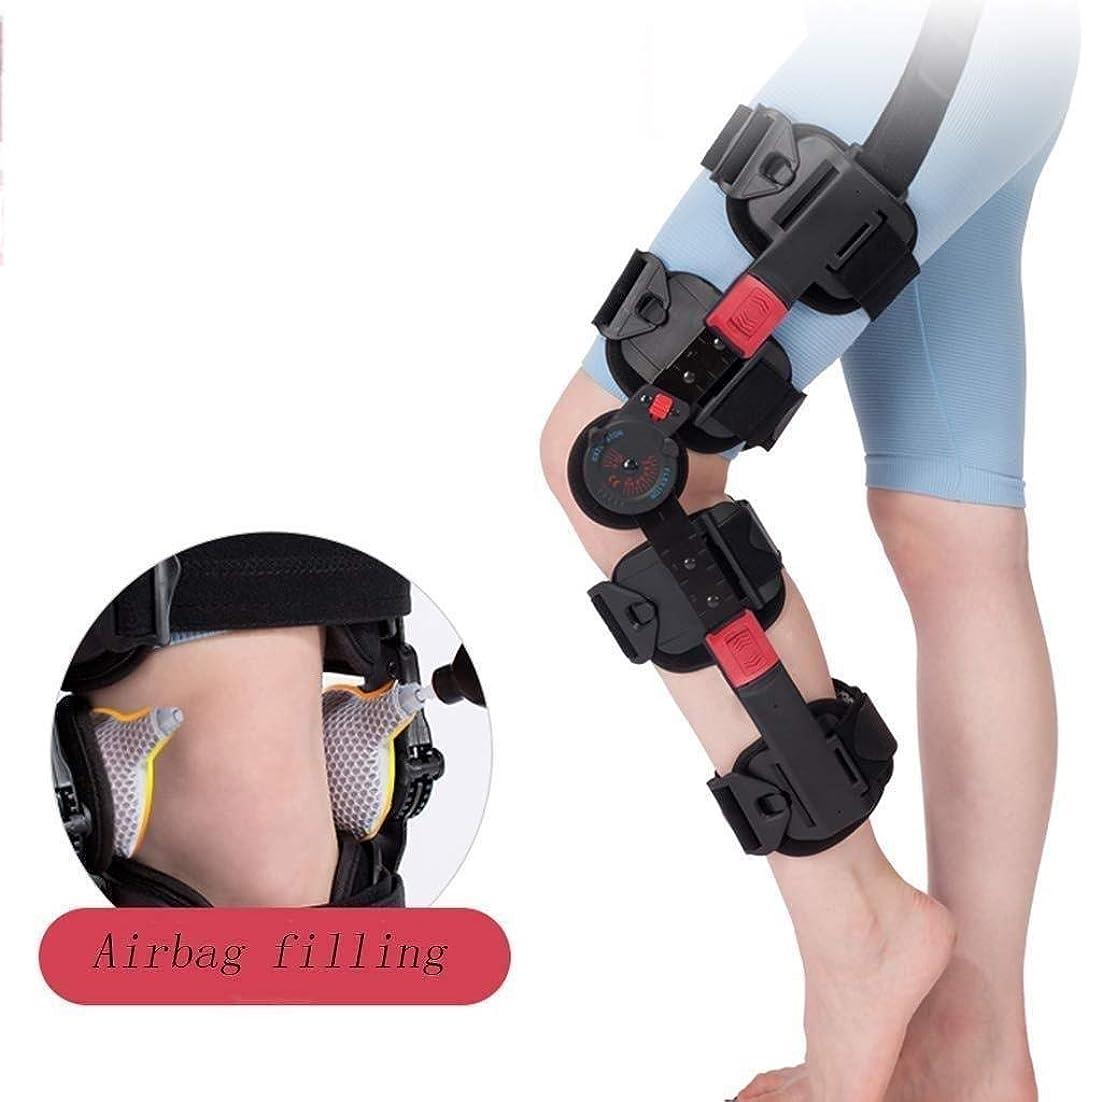 しおれた松の木ネットヒンジ式ROM膝ブレース、調節可能なポストOP膝蓋骨ブレースサポートスタビライザーパッド装具スプリントラップ医療用整形外科用ガードプロテクター